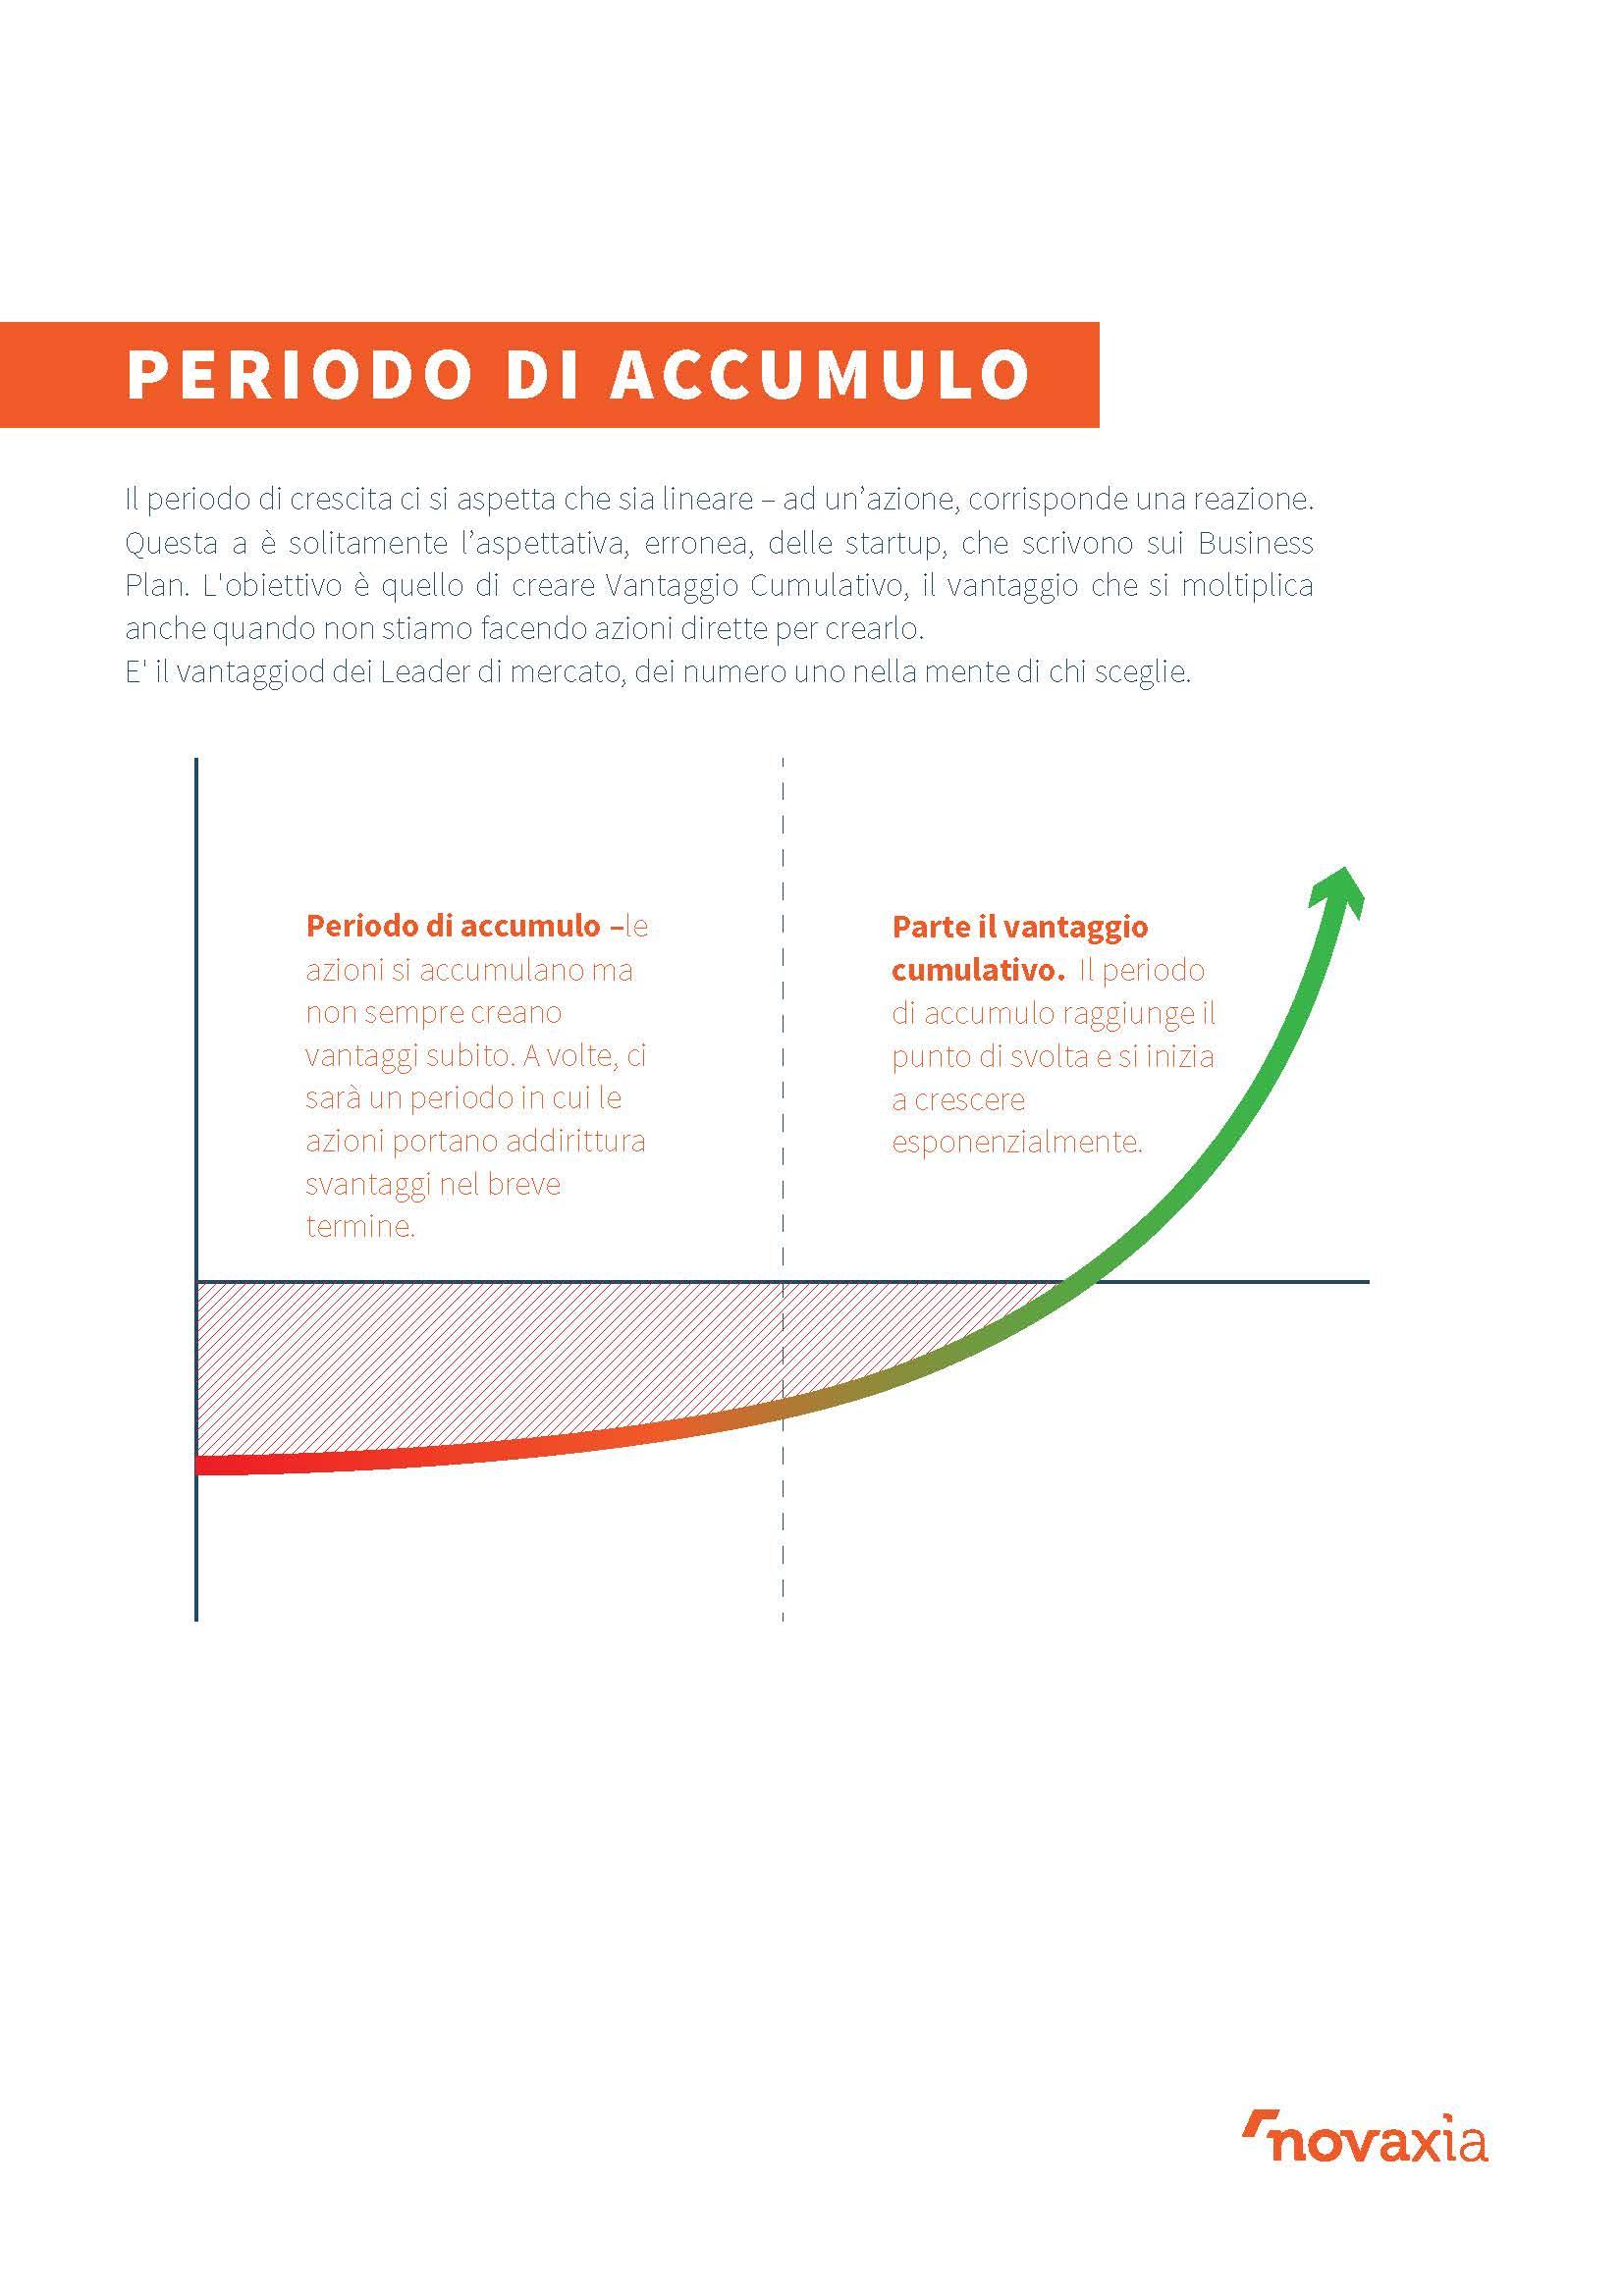 Periodo di Accumulo – Creare un Vantaggio Cumulativo